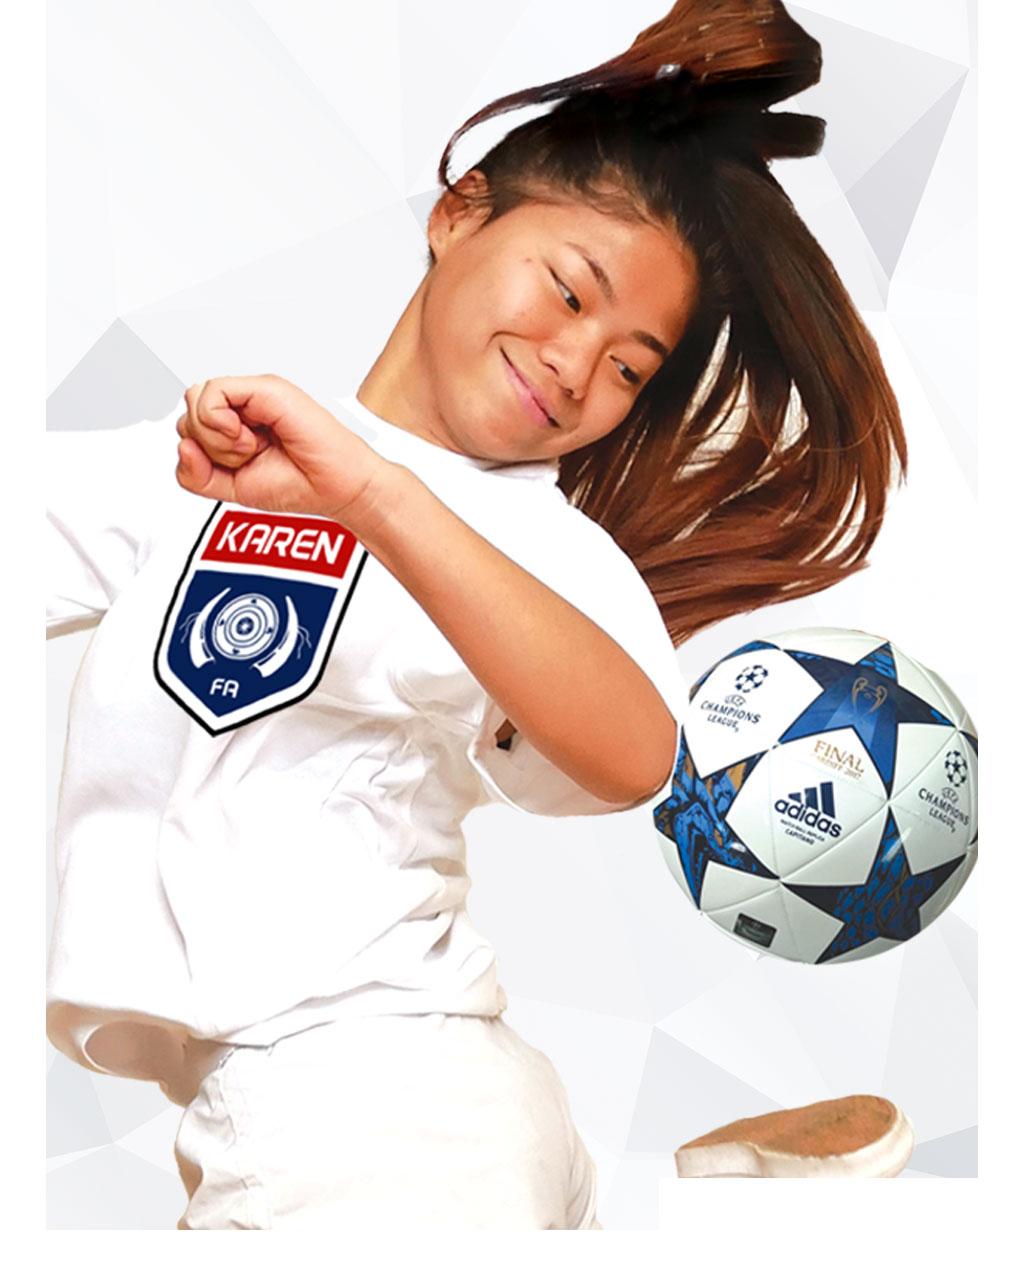 karen-national-team-full-image-header-mobile-women3